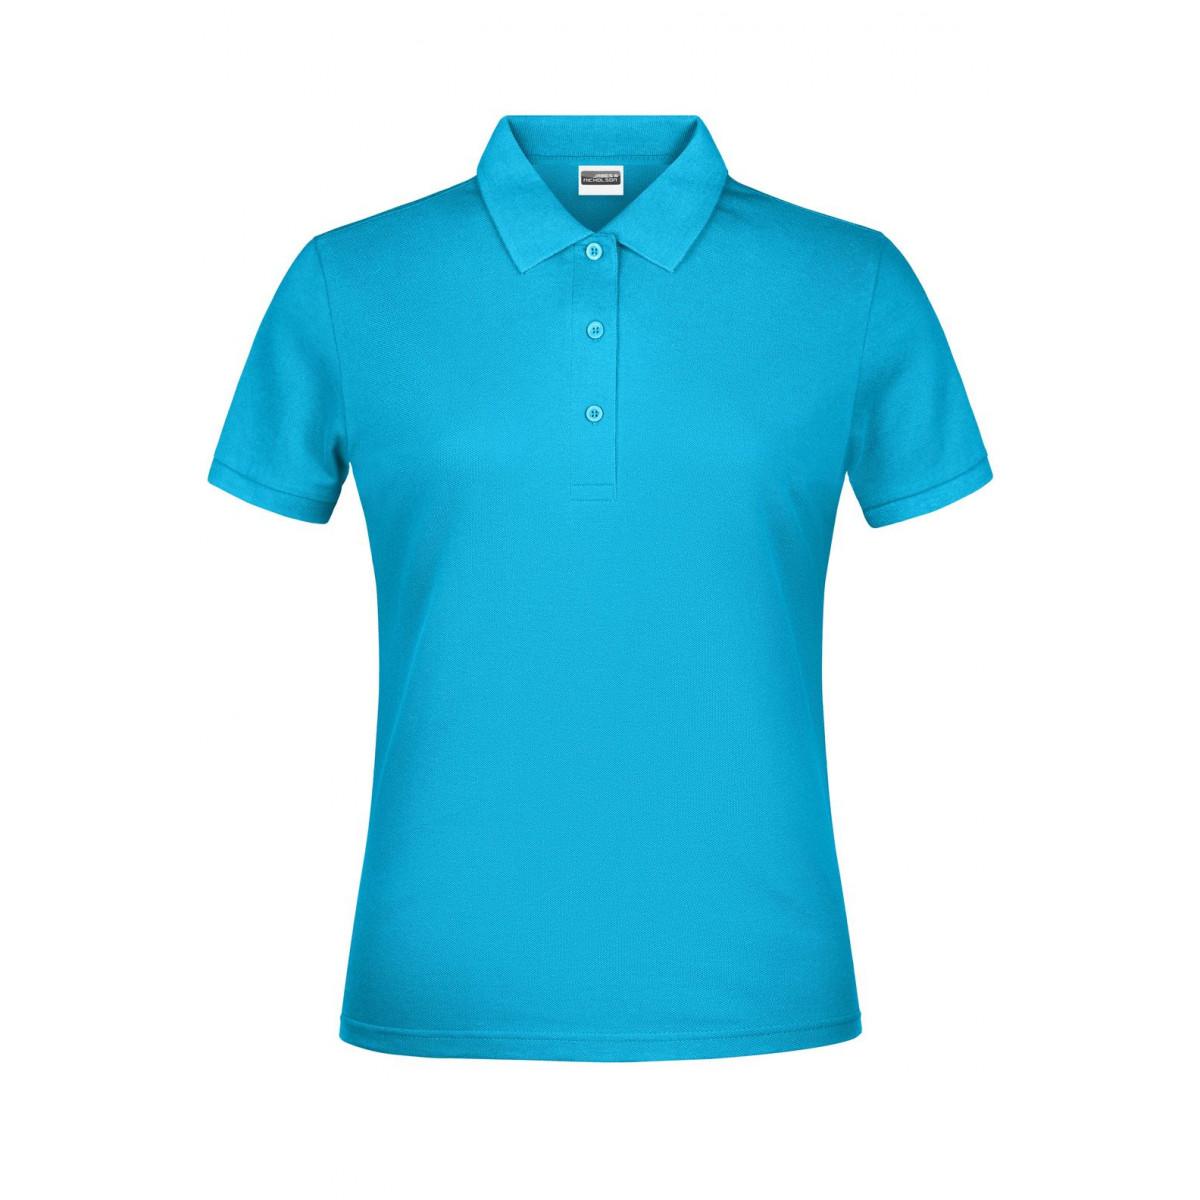 Рубашка поло женская JN791 Basic Polo Lady - Бирюзовый